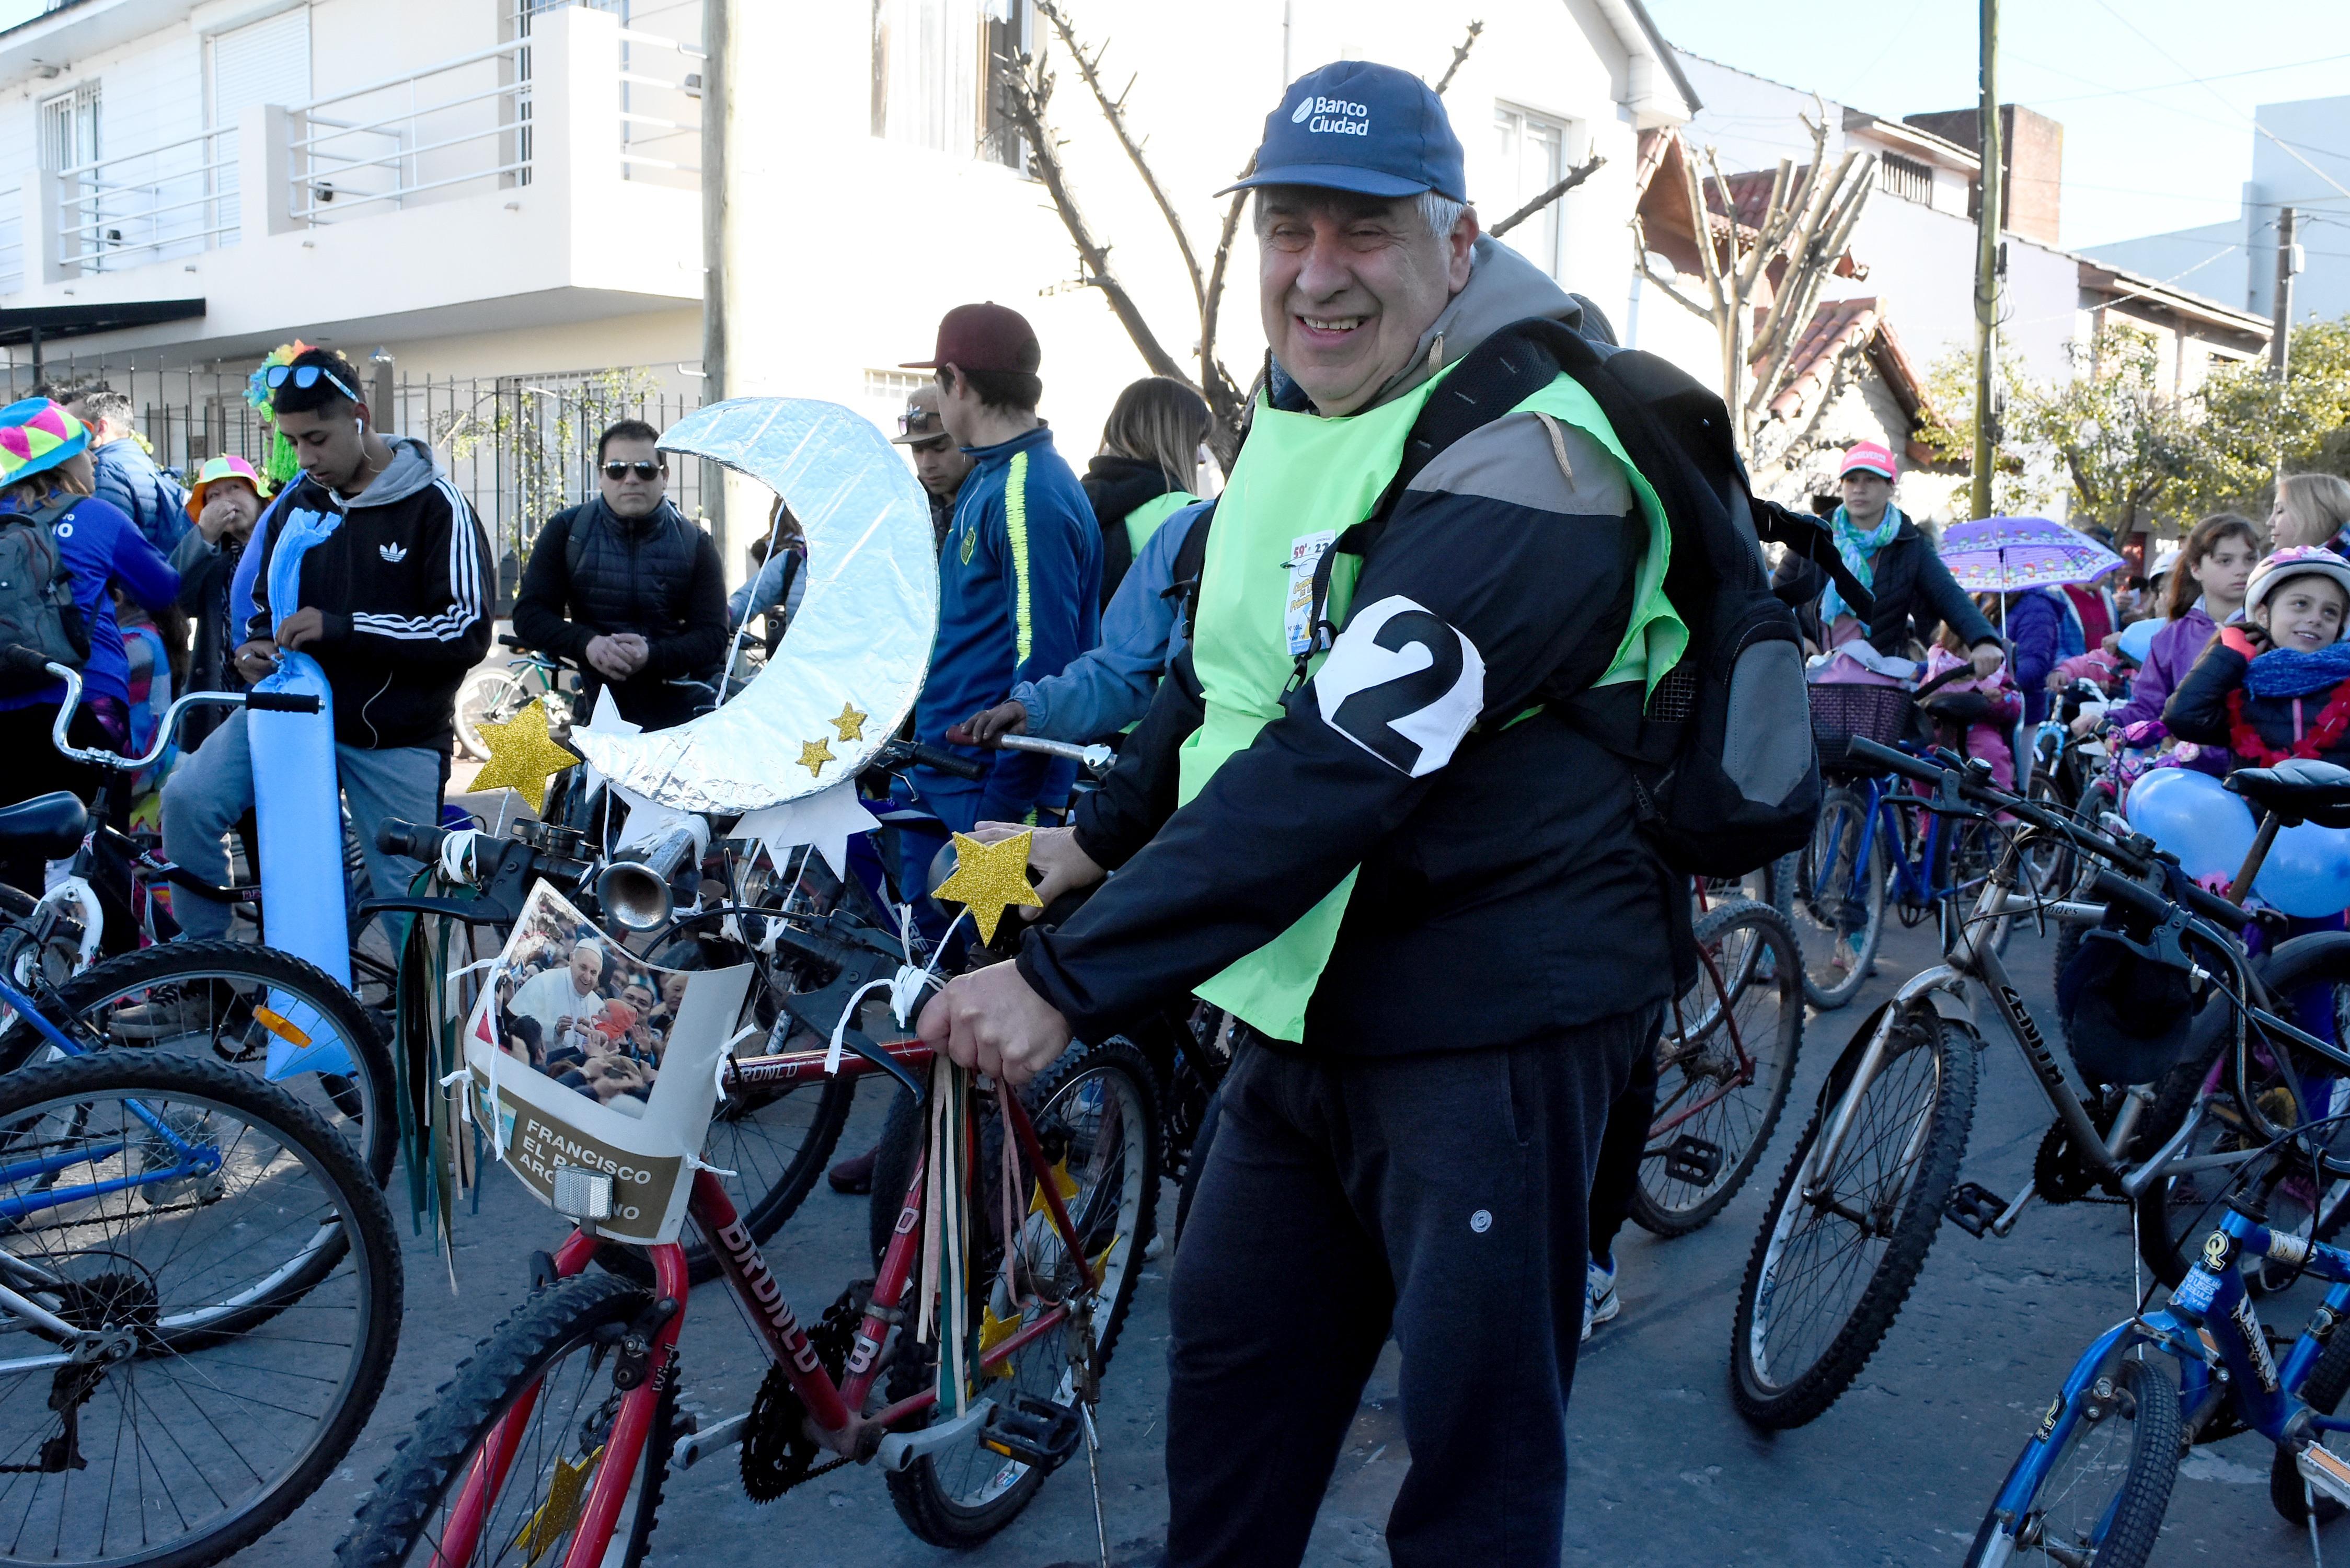 Guillermo llevó al frente de su bicicleta una imagen del Papa Francisco bajo la luna y las estrellas